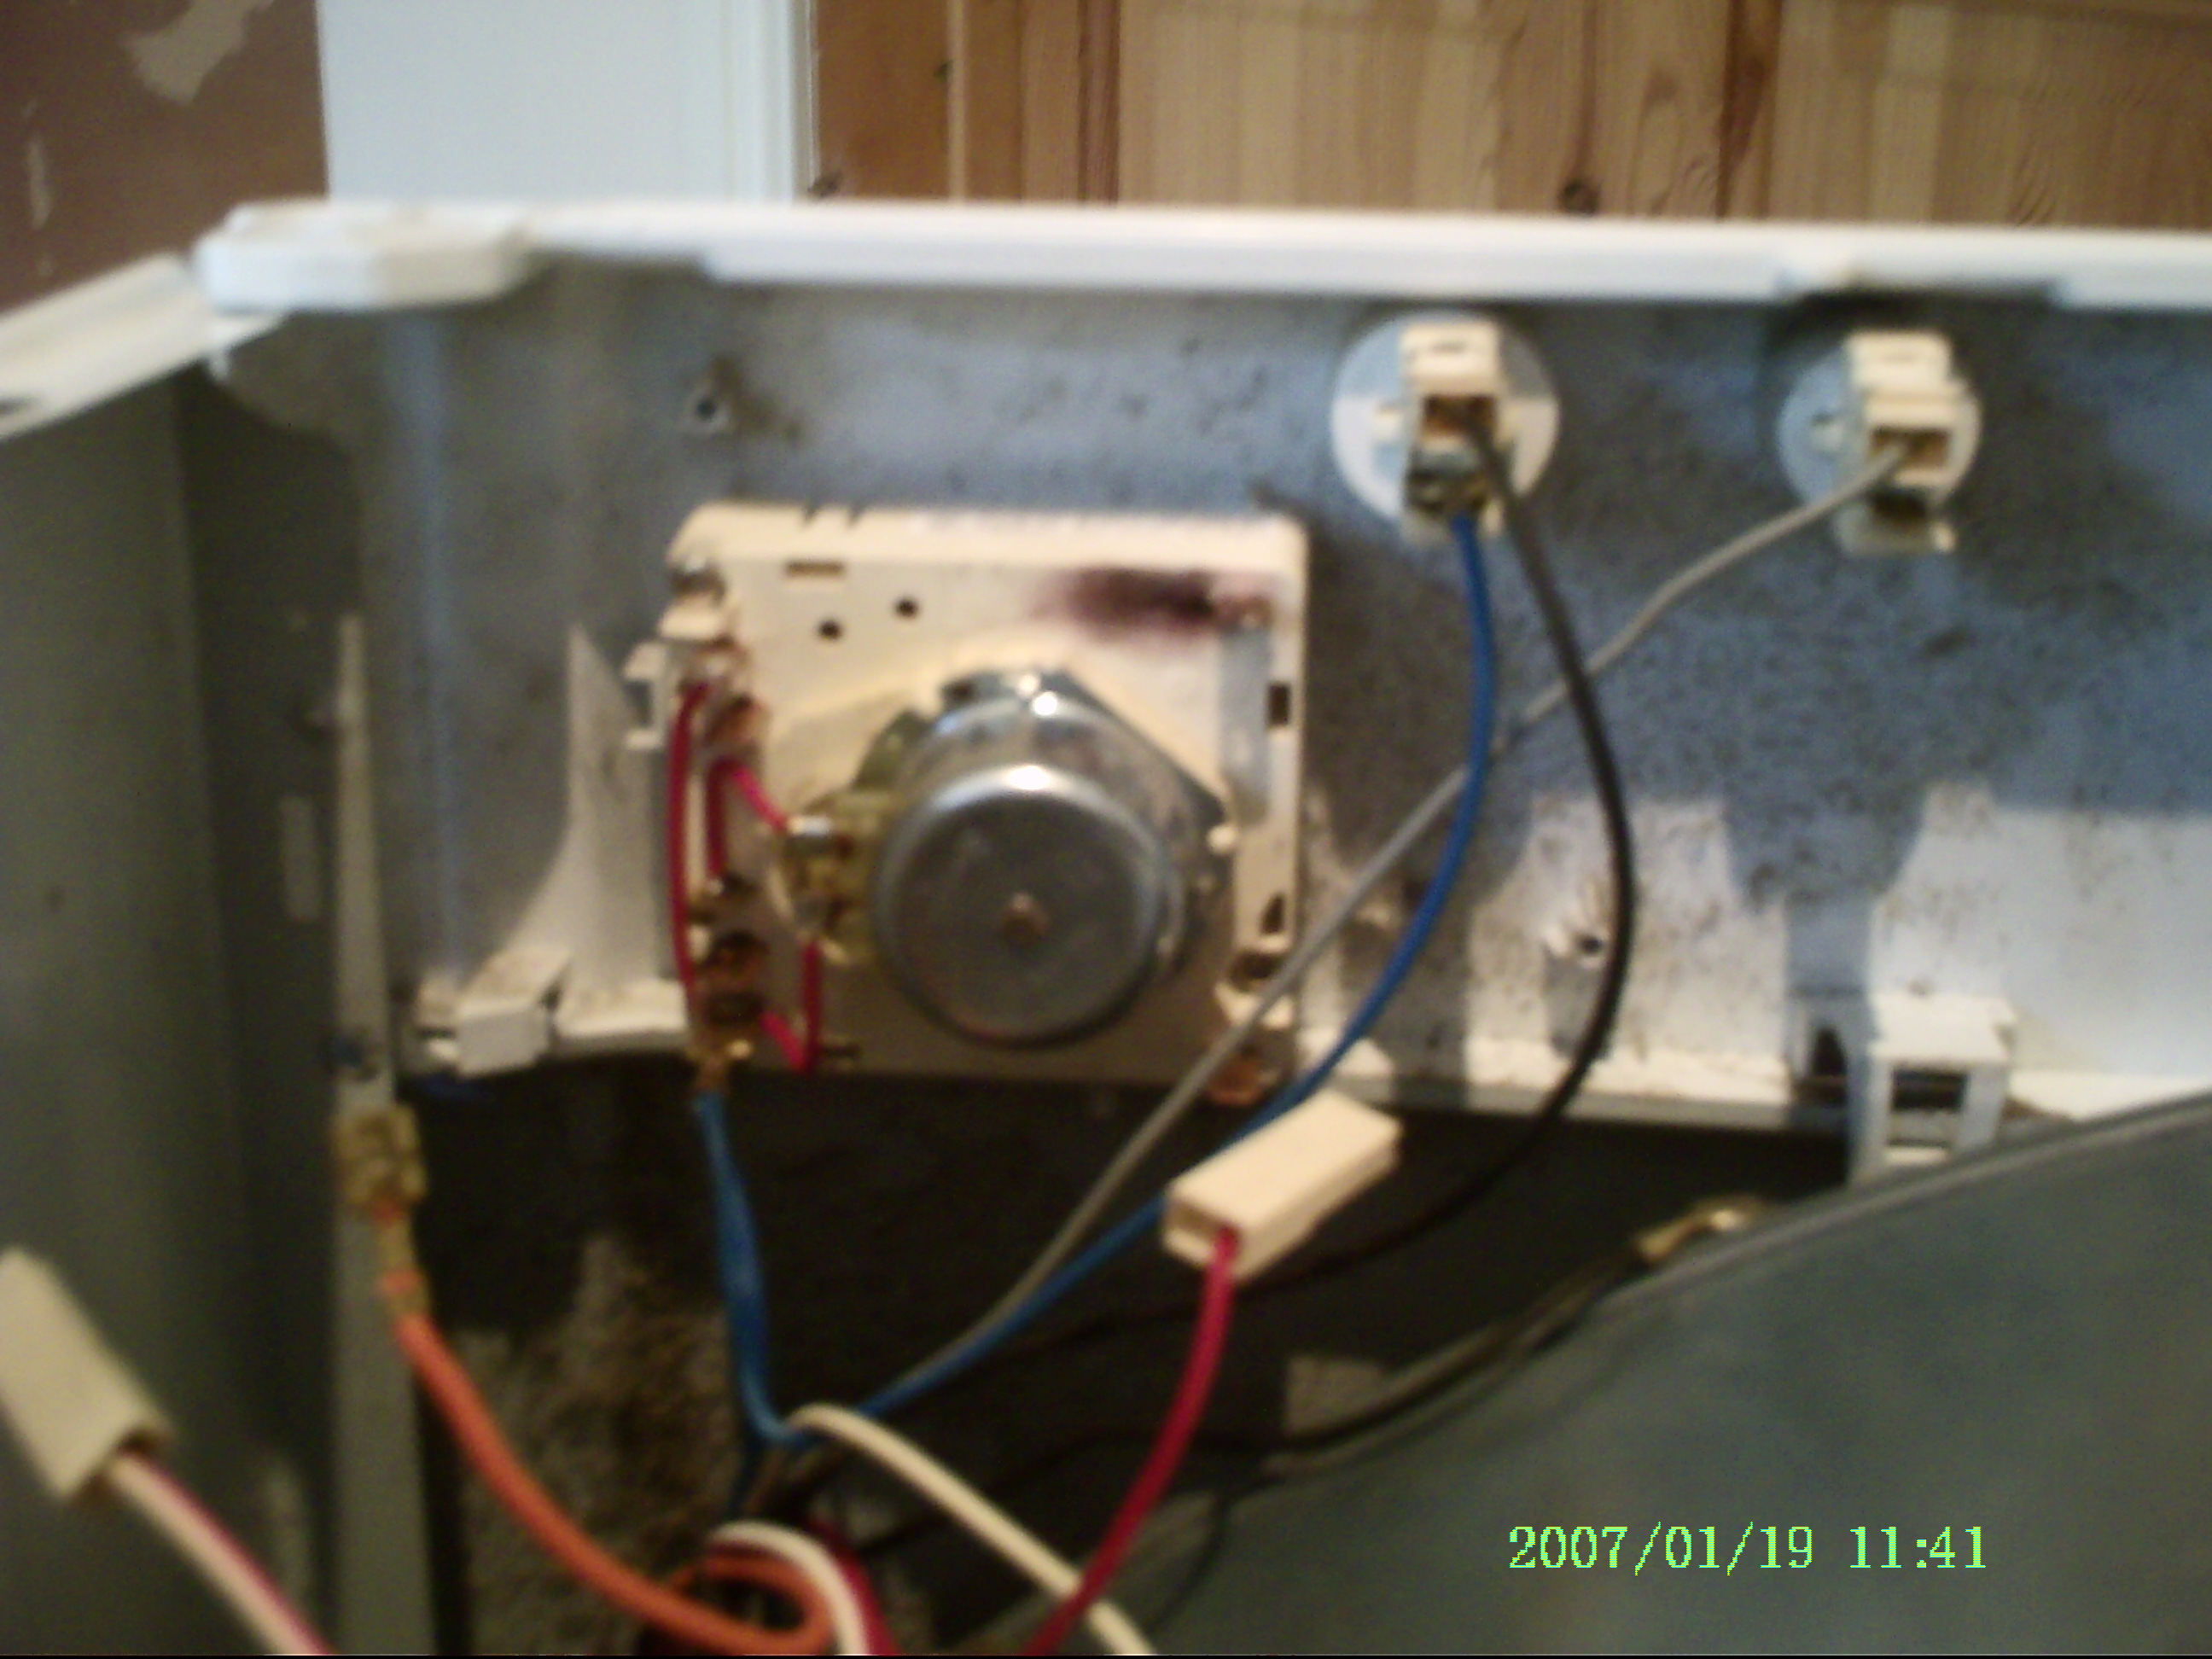 wiring diagram indesit washing machine wiring indesit dryer wiring diagram indesit wiring diagrams car on wiring diagram indesit washing machine